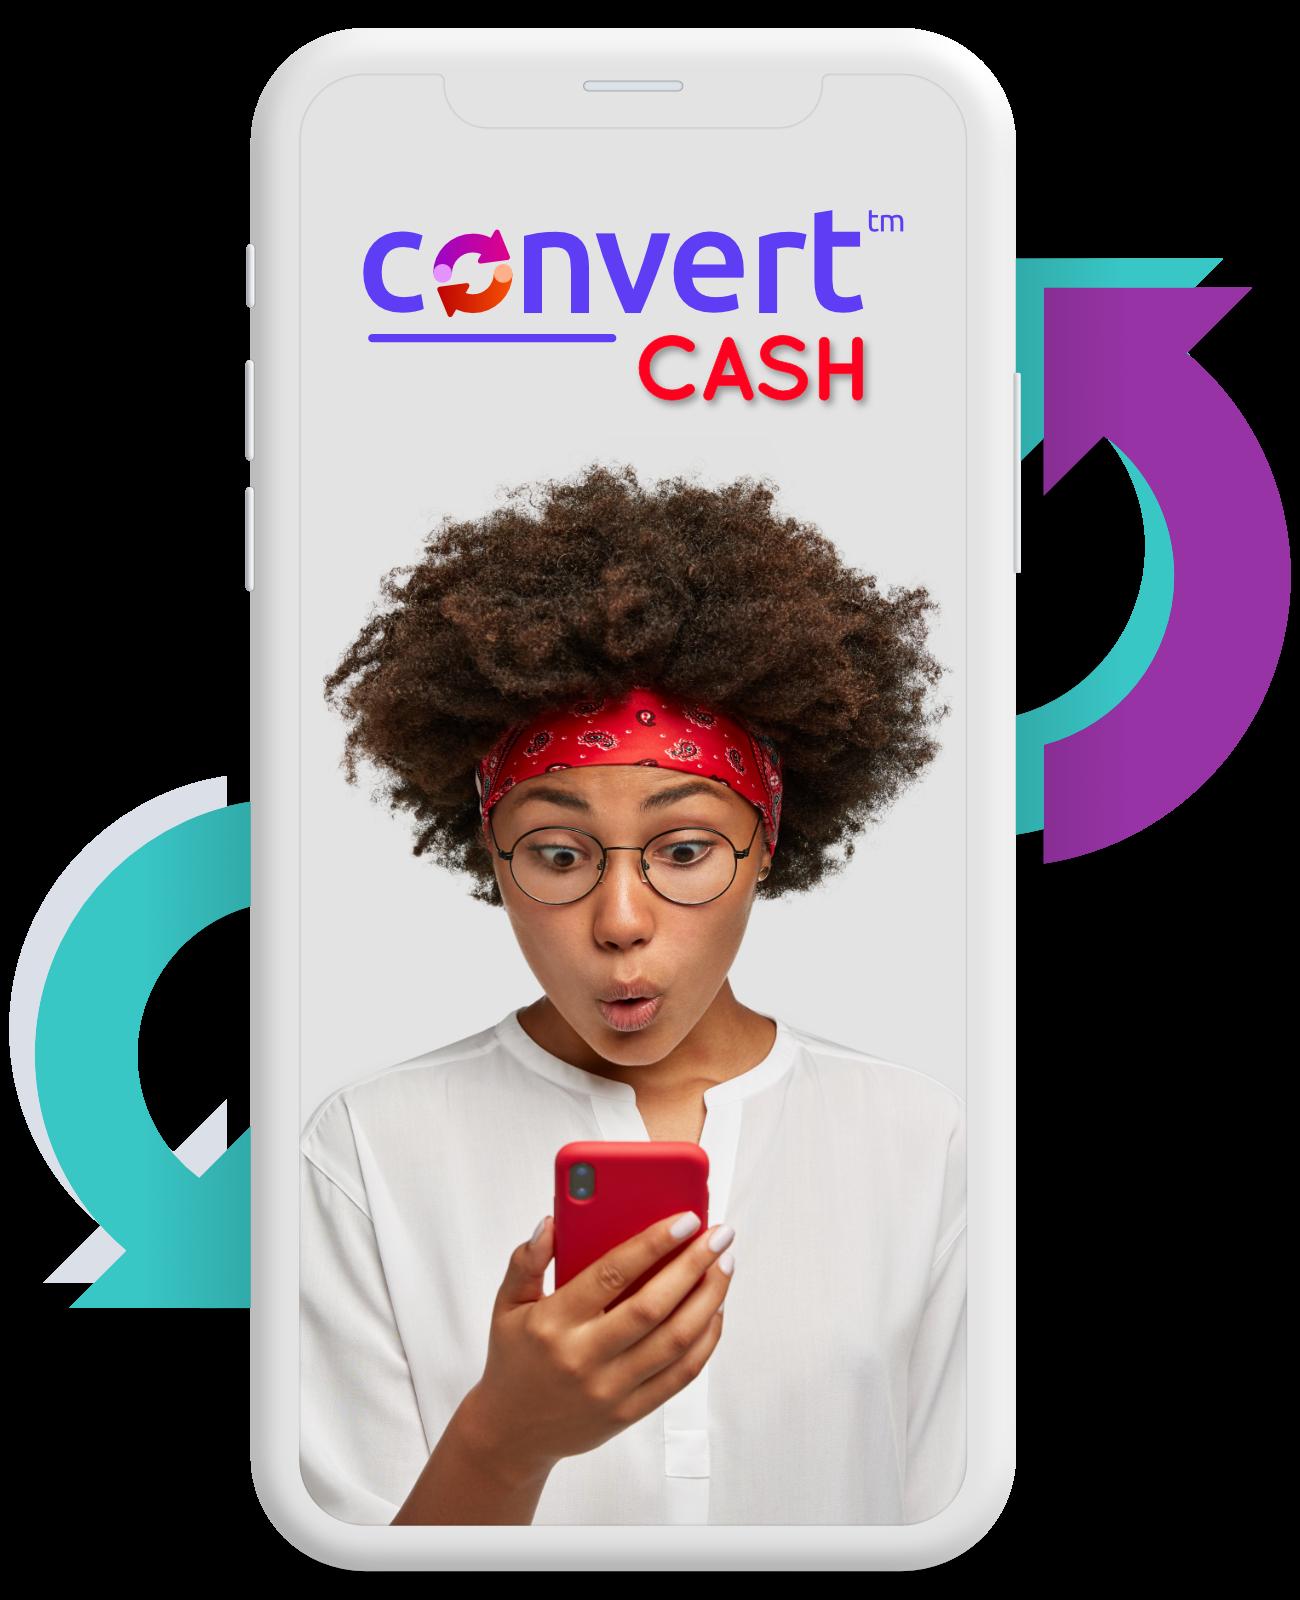 Convert Cash - mobile image